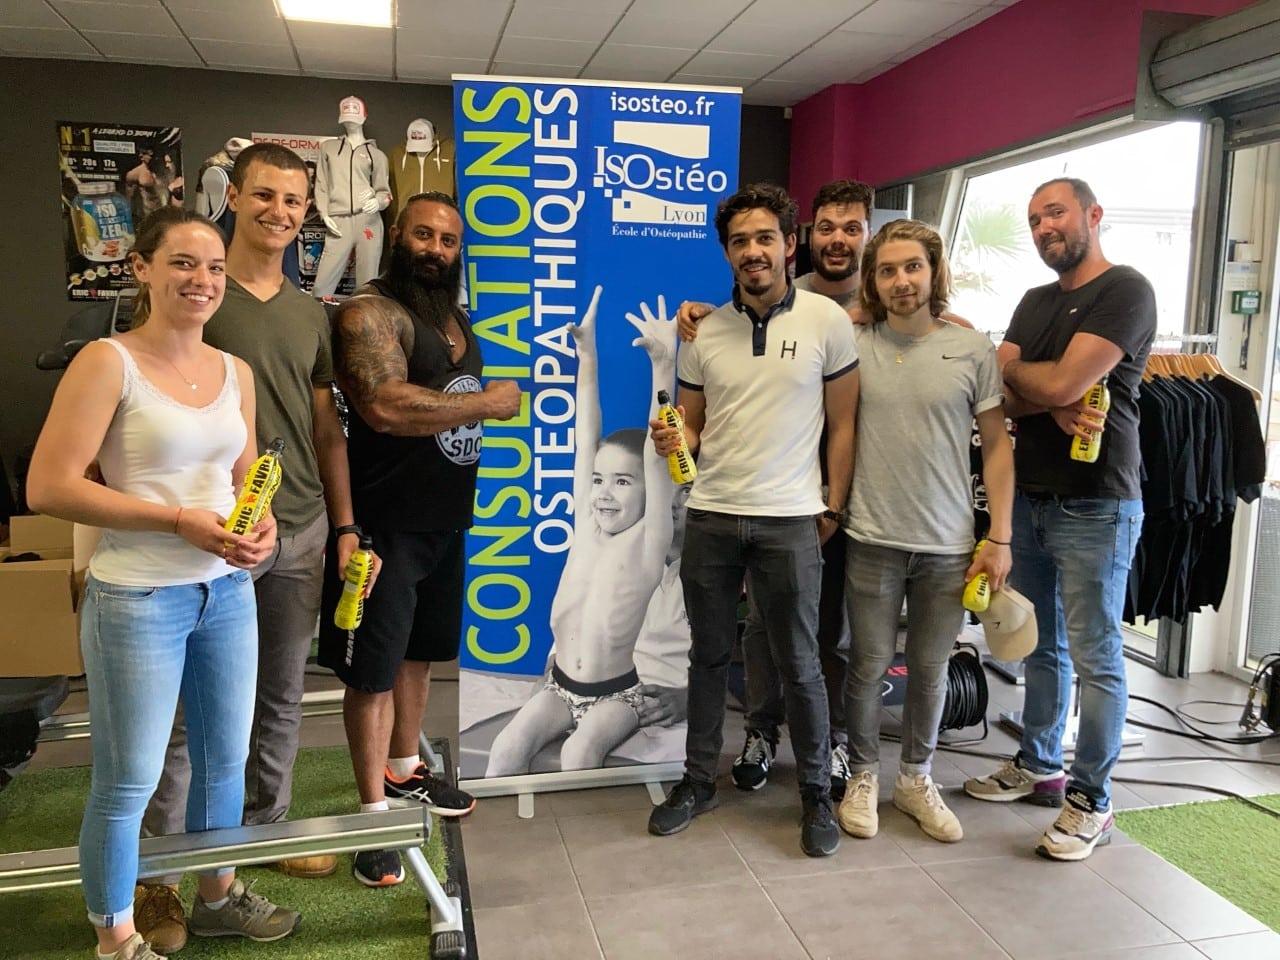 stage sportifs pour le championnat de France de STRONGMAN en juillet 2021 - étudiants et organisateurs posent pour la photo